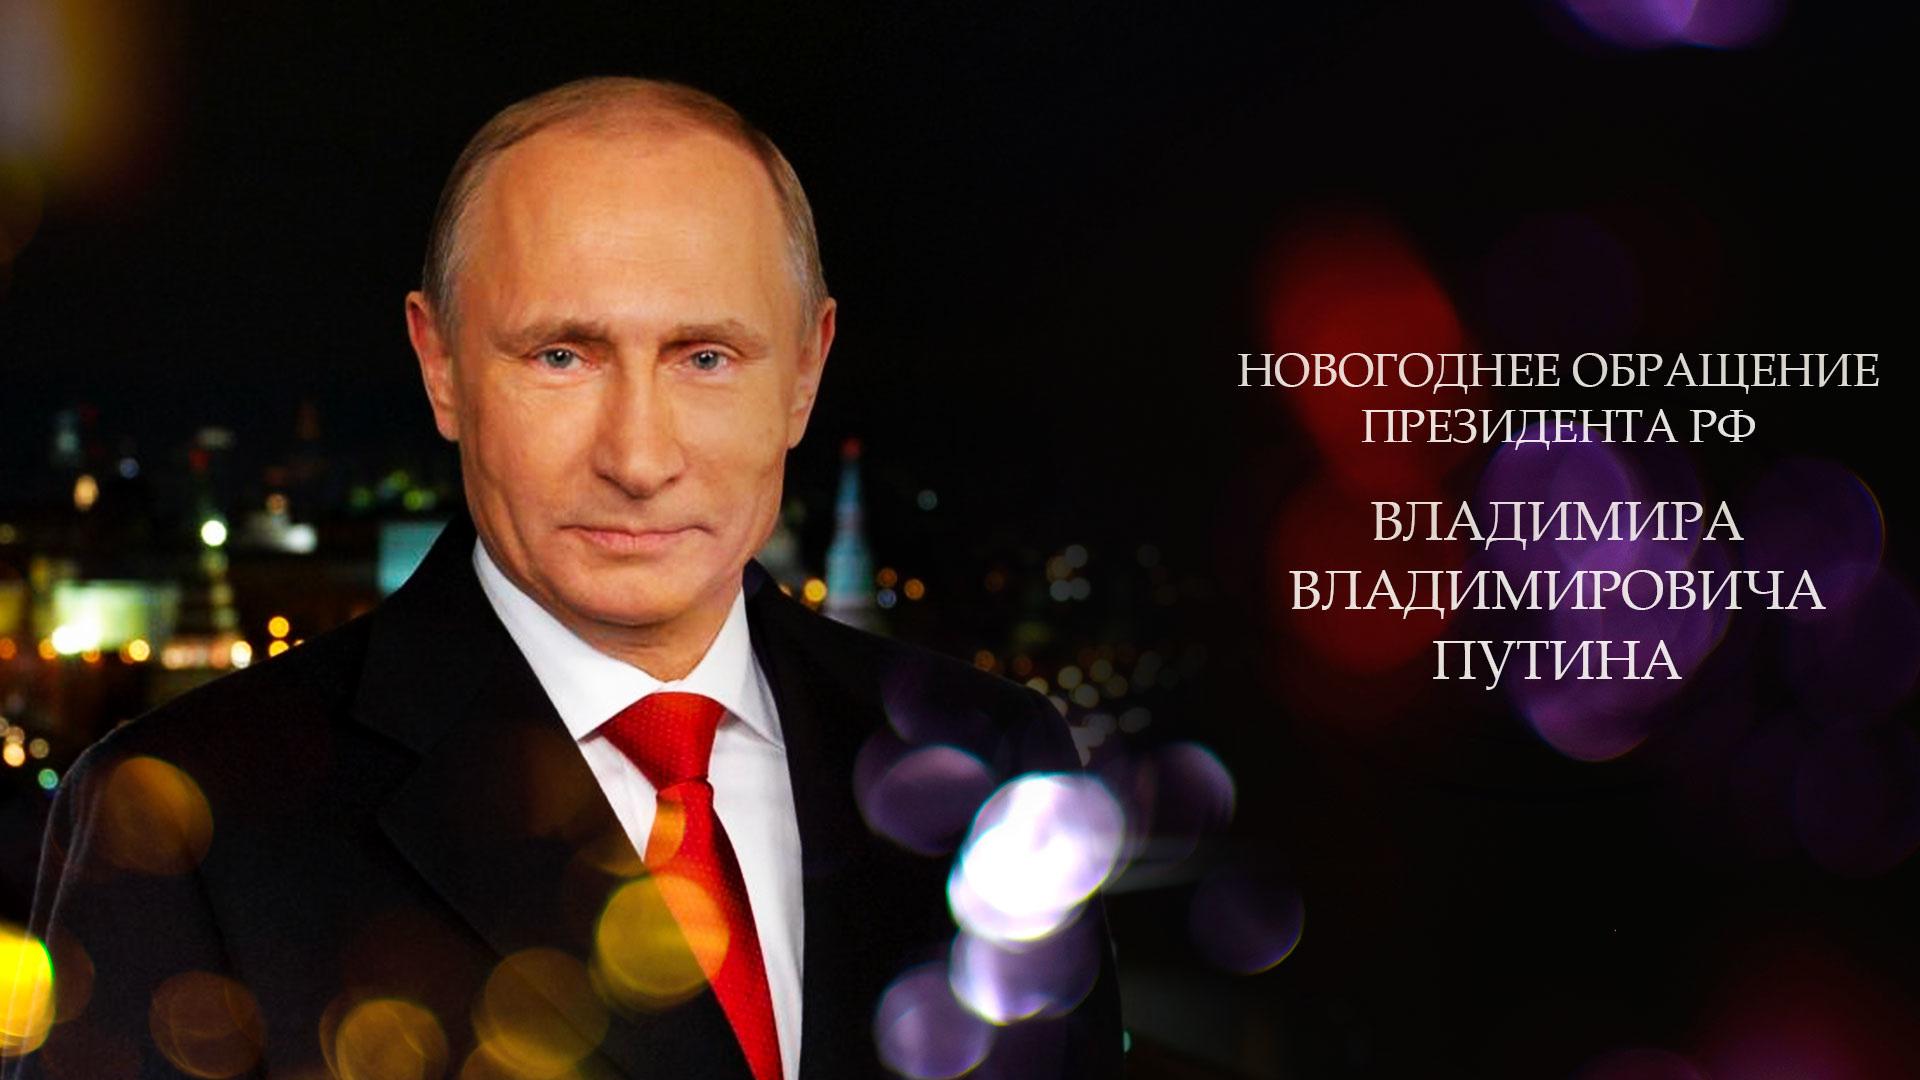 Новогоднее обращение президента Российской Федерации В.В. Путина